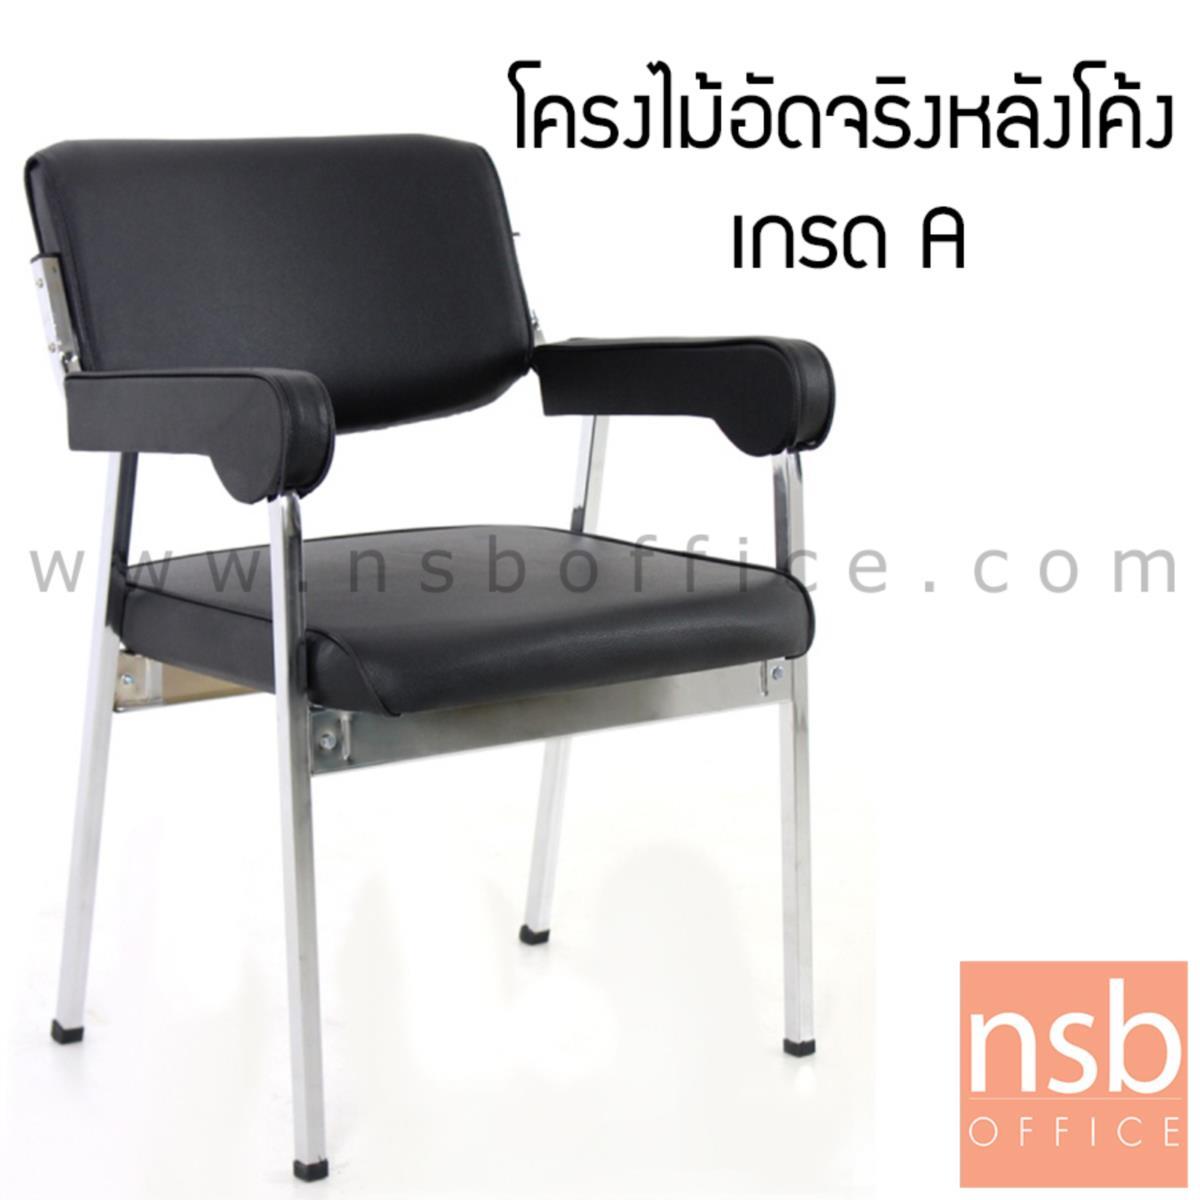 B05A005:เก้าอี้อเนกประสงค์ รุ่น CM-015 ขาเหล็ก